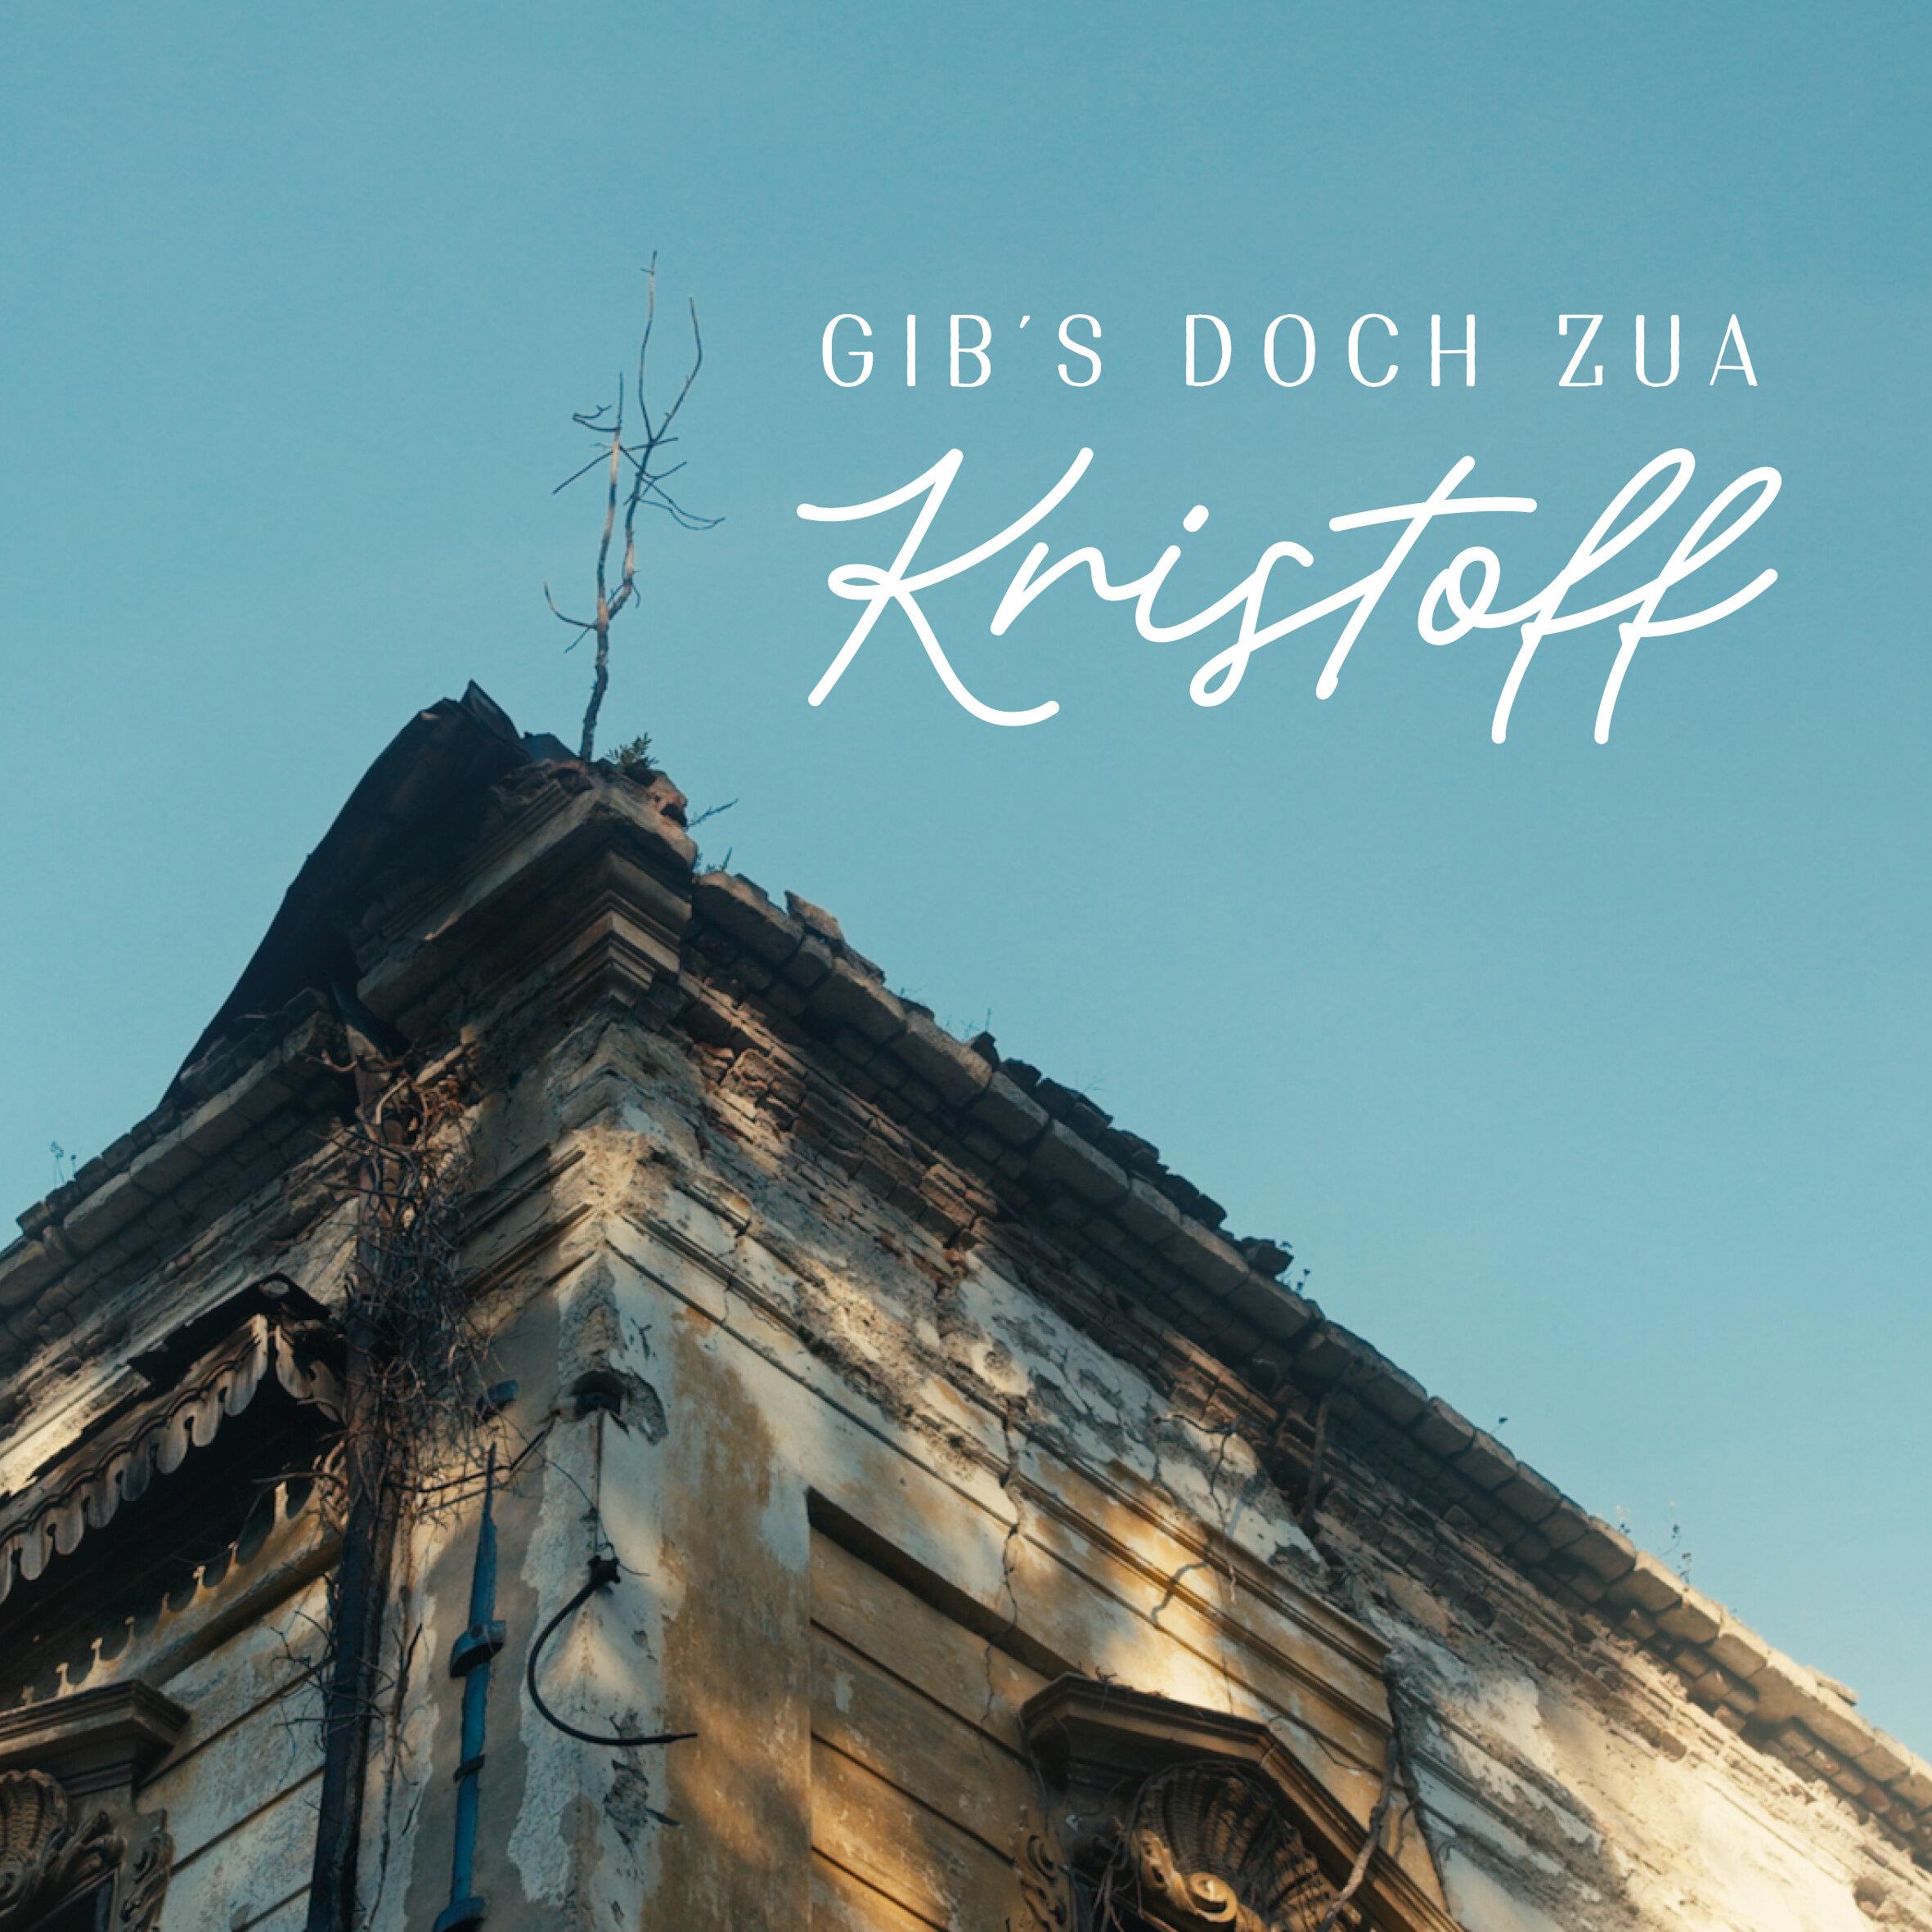 KRISTOFF_gibsdochzua_cover